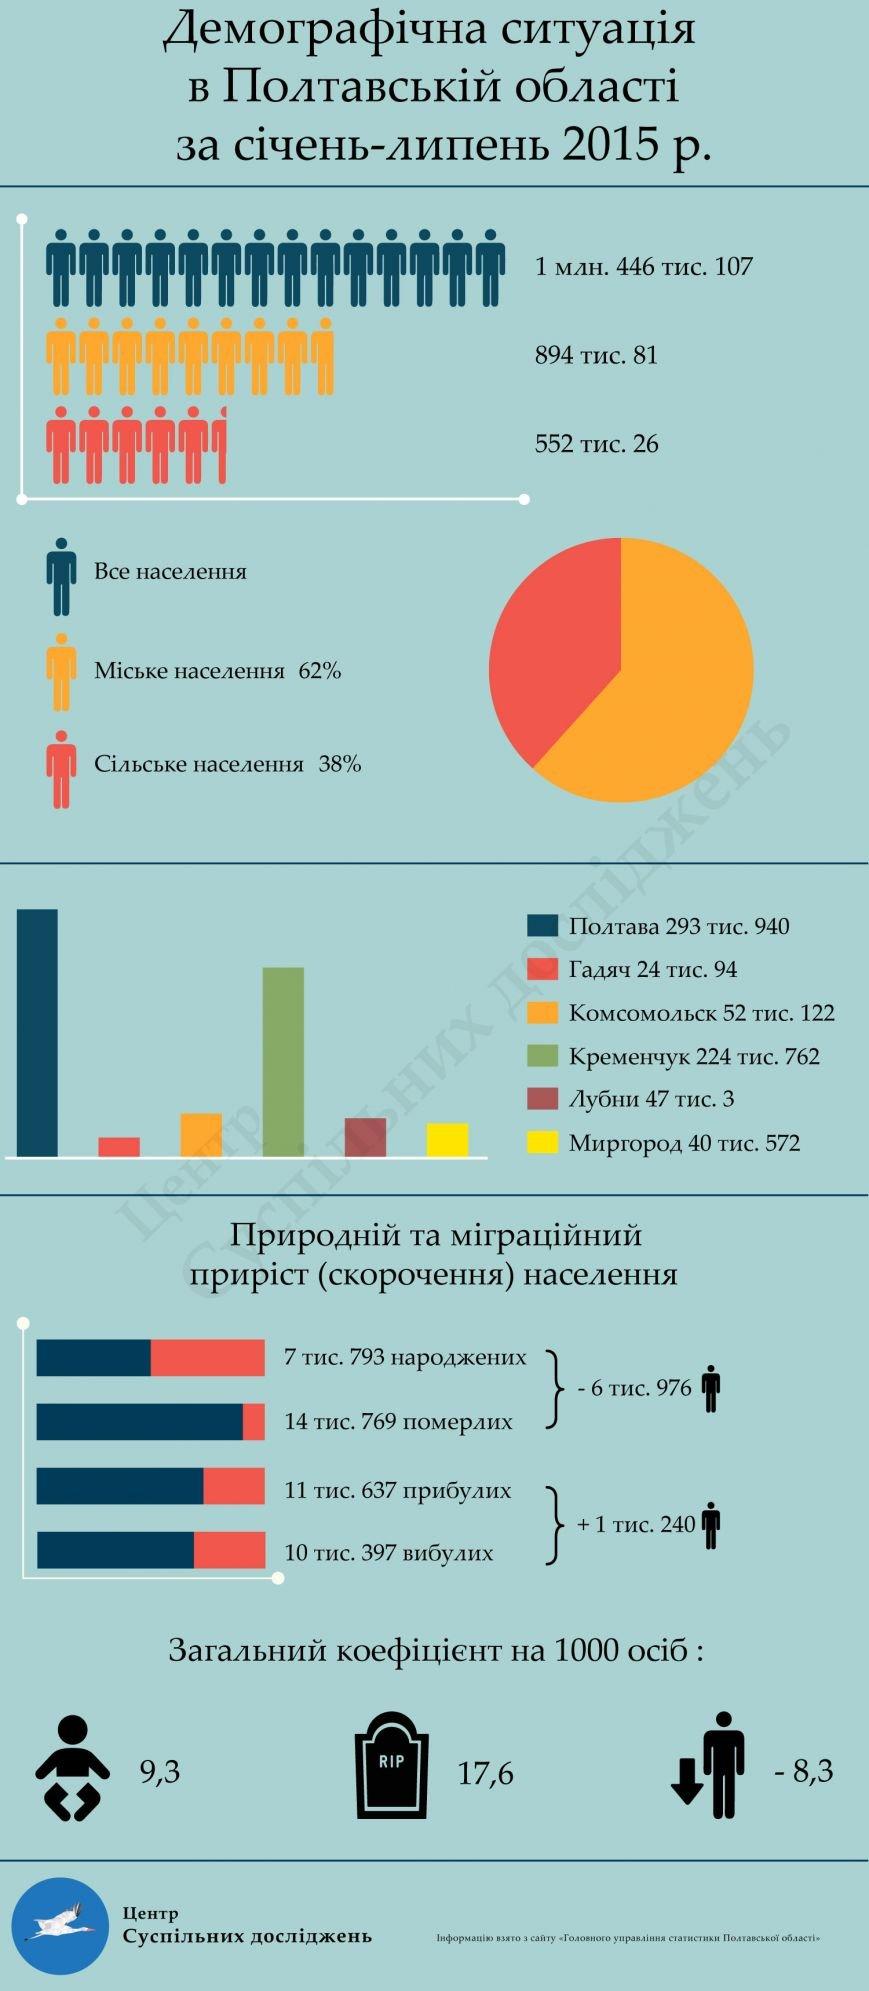 Демографічний стан за І півріччя 2015 р.